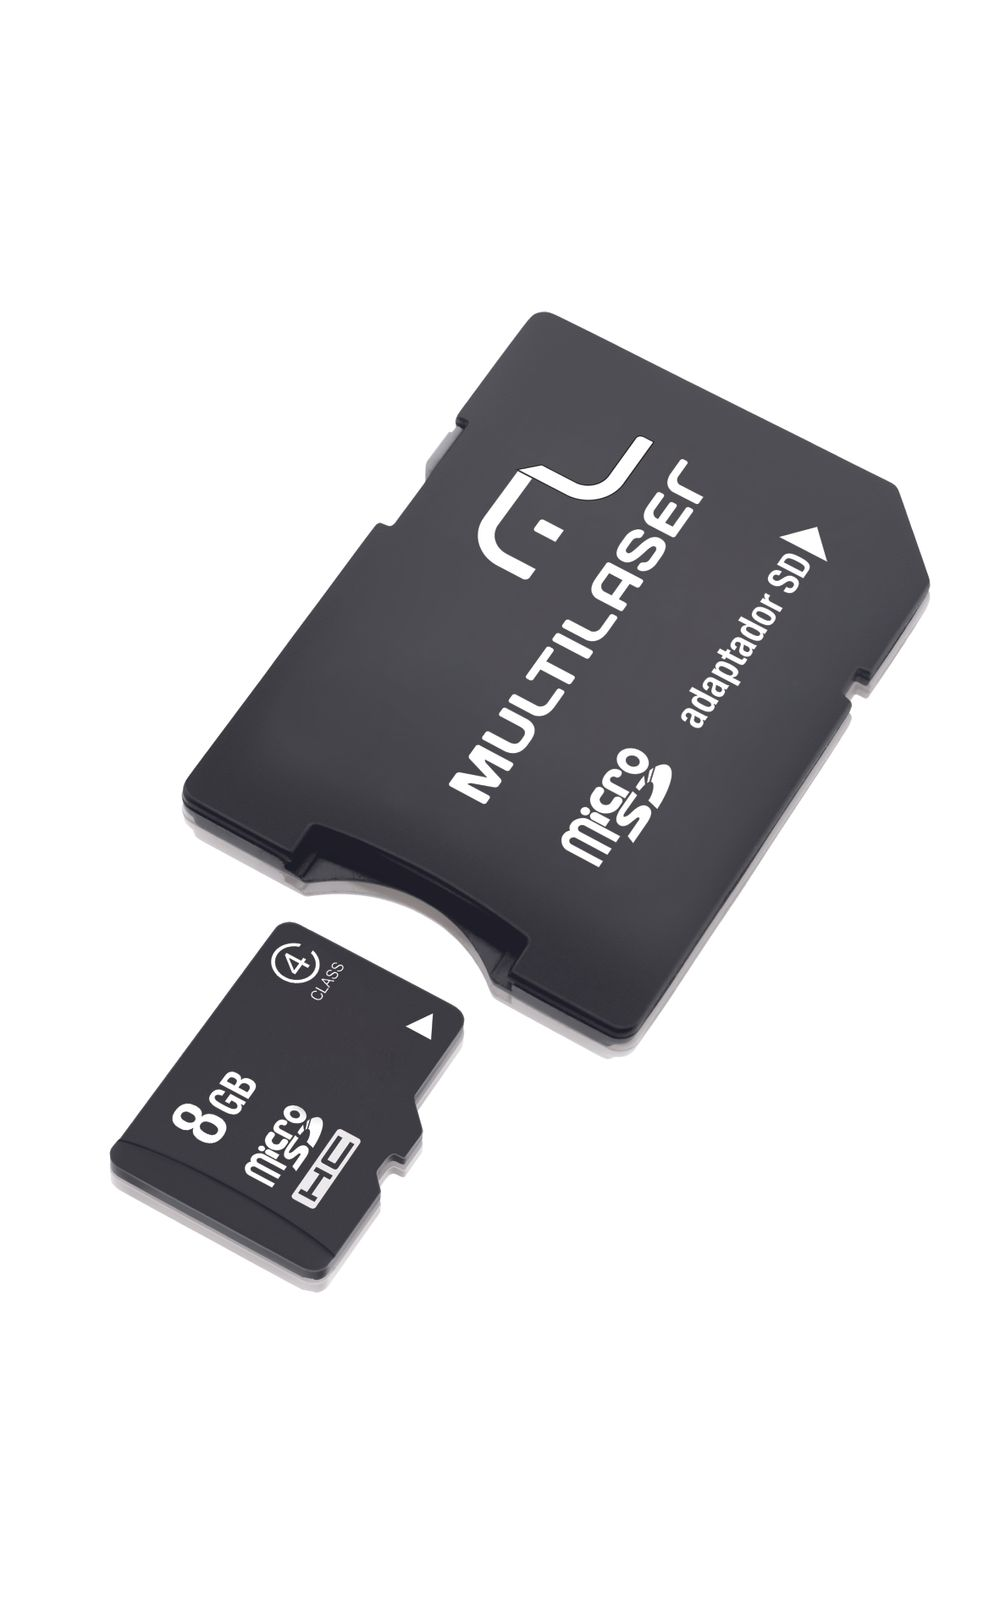 Foto 1 - Adaptador Multilaser SD Cartão de Memória Classe 4 8GB MC004